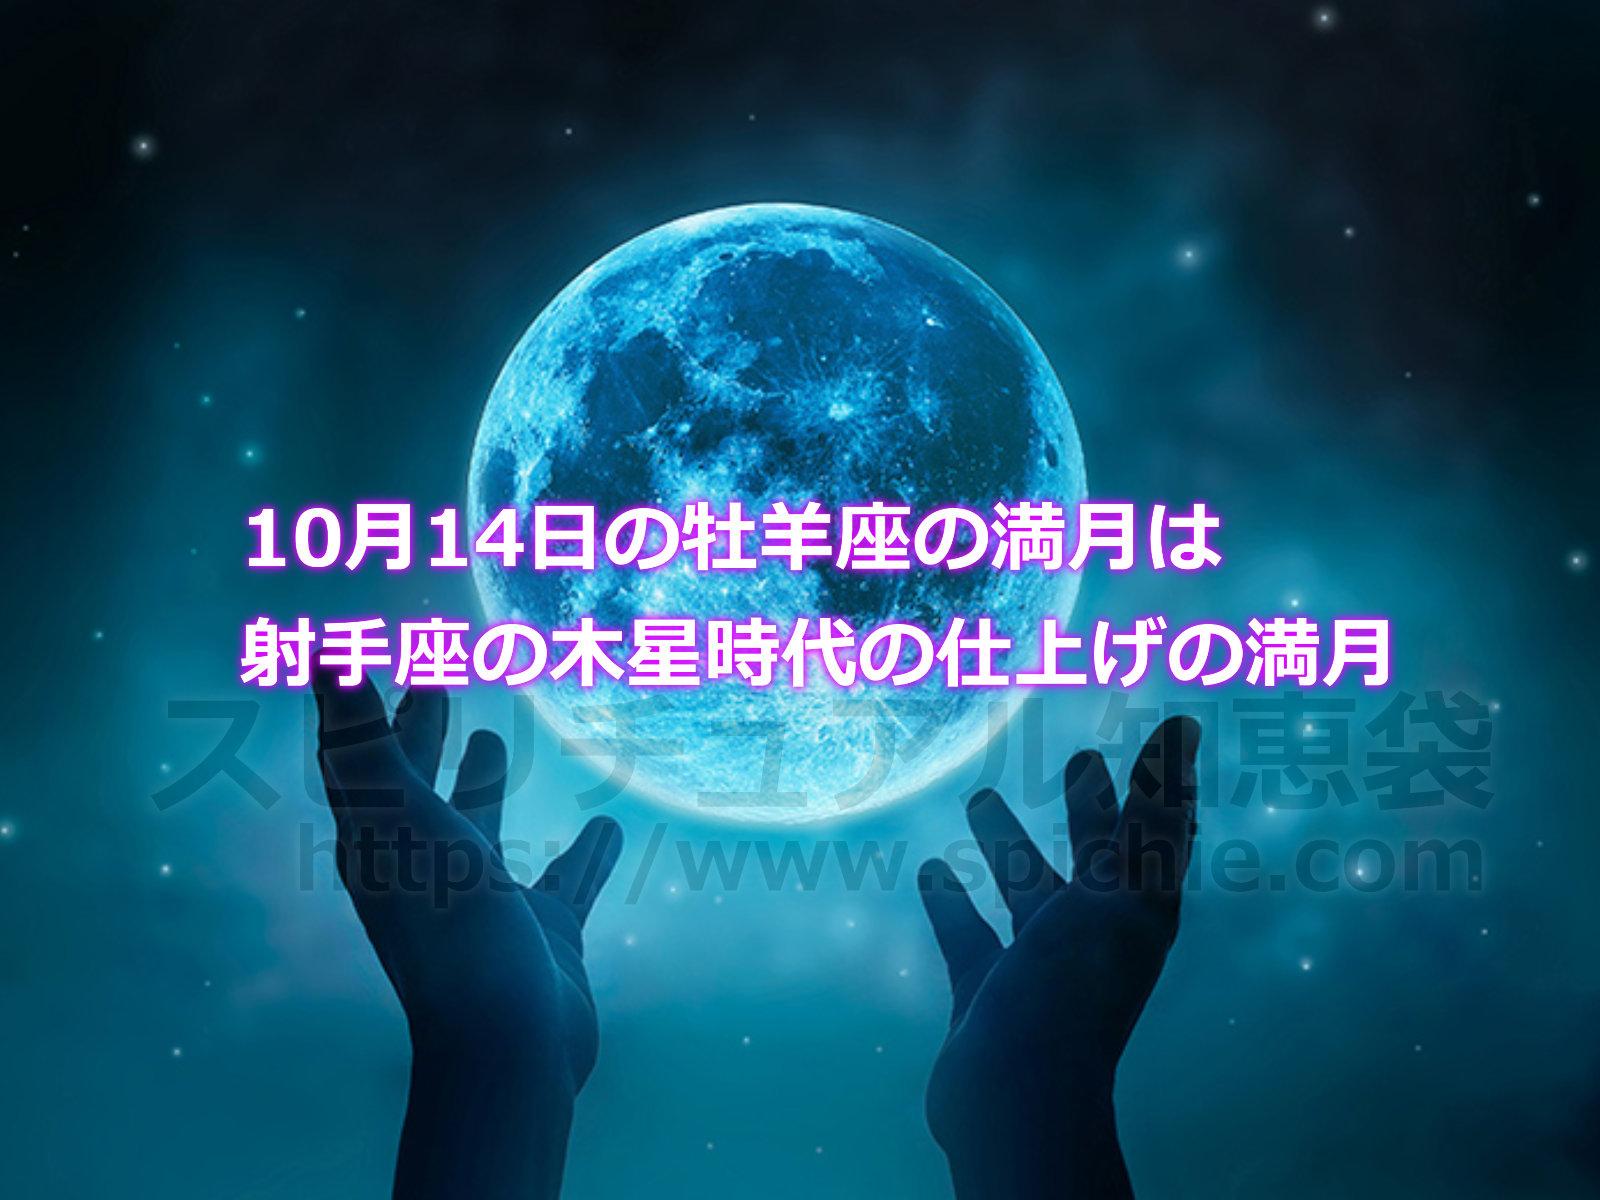 10月14日の牡羊座の満月は射手座の木星時代の仕上げの満月のアイキャッチ画像